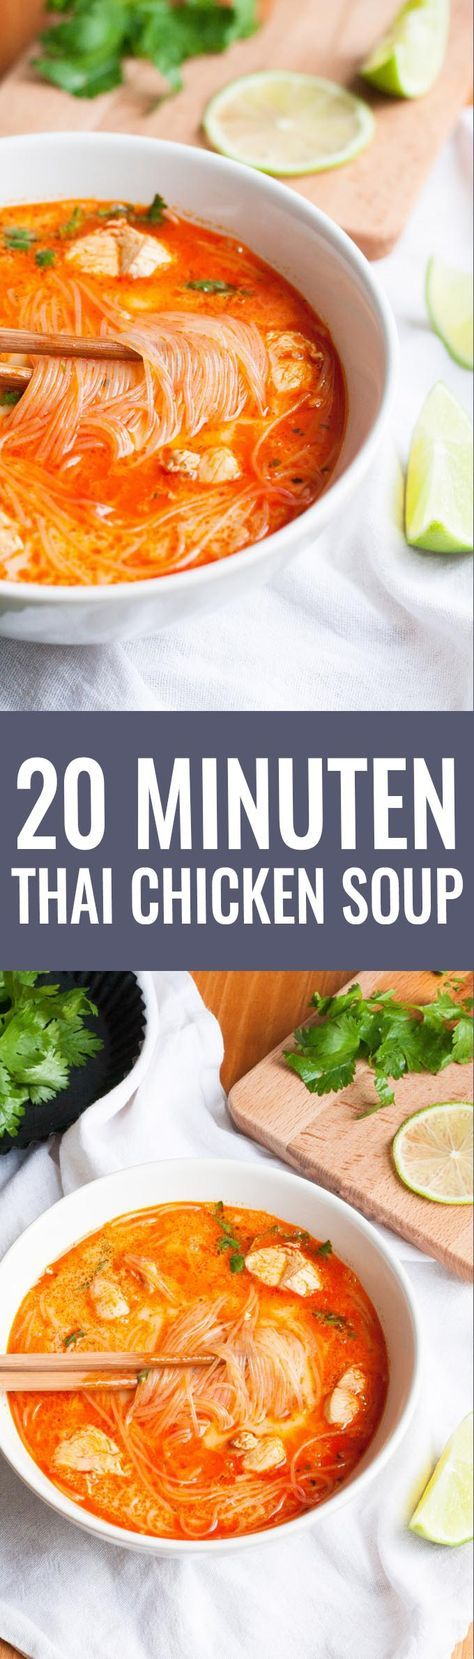 20-Minuten Thai Chicken Soup #chinesefood